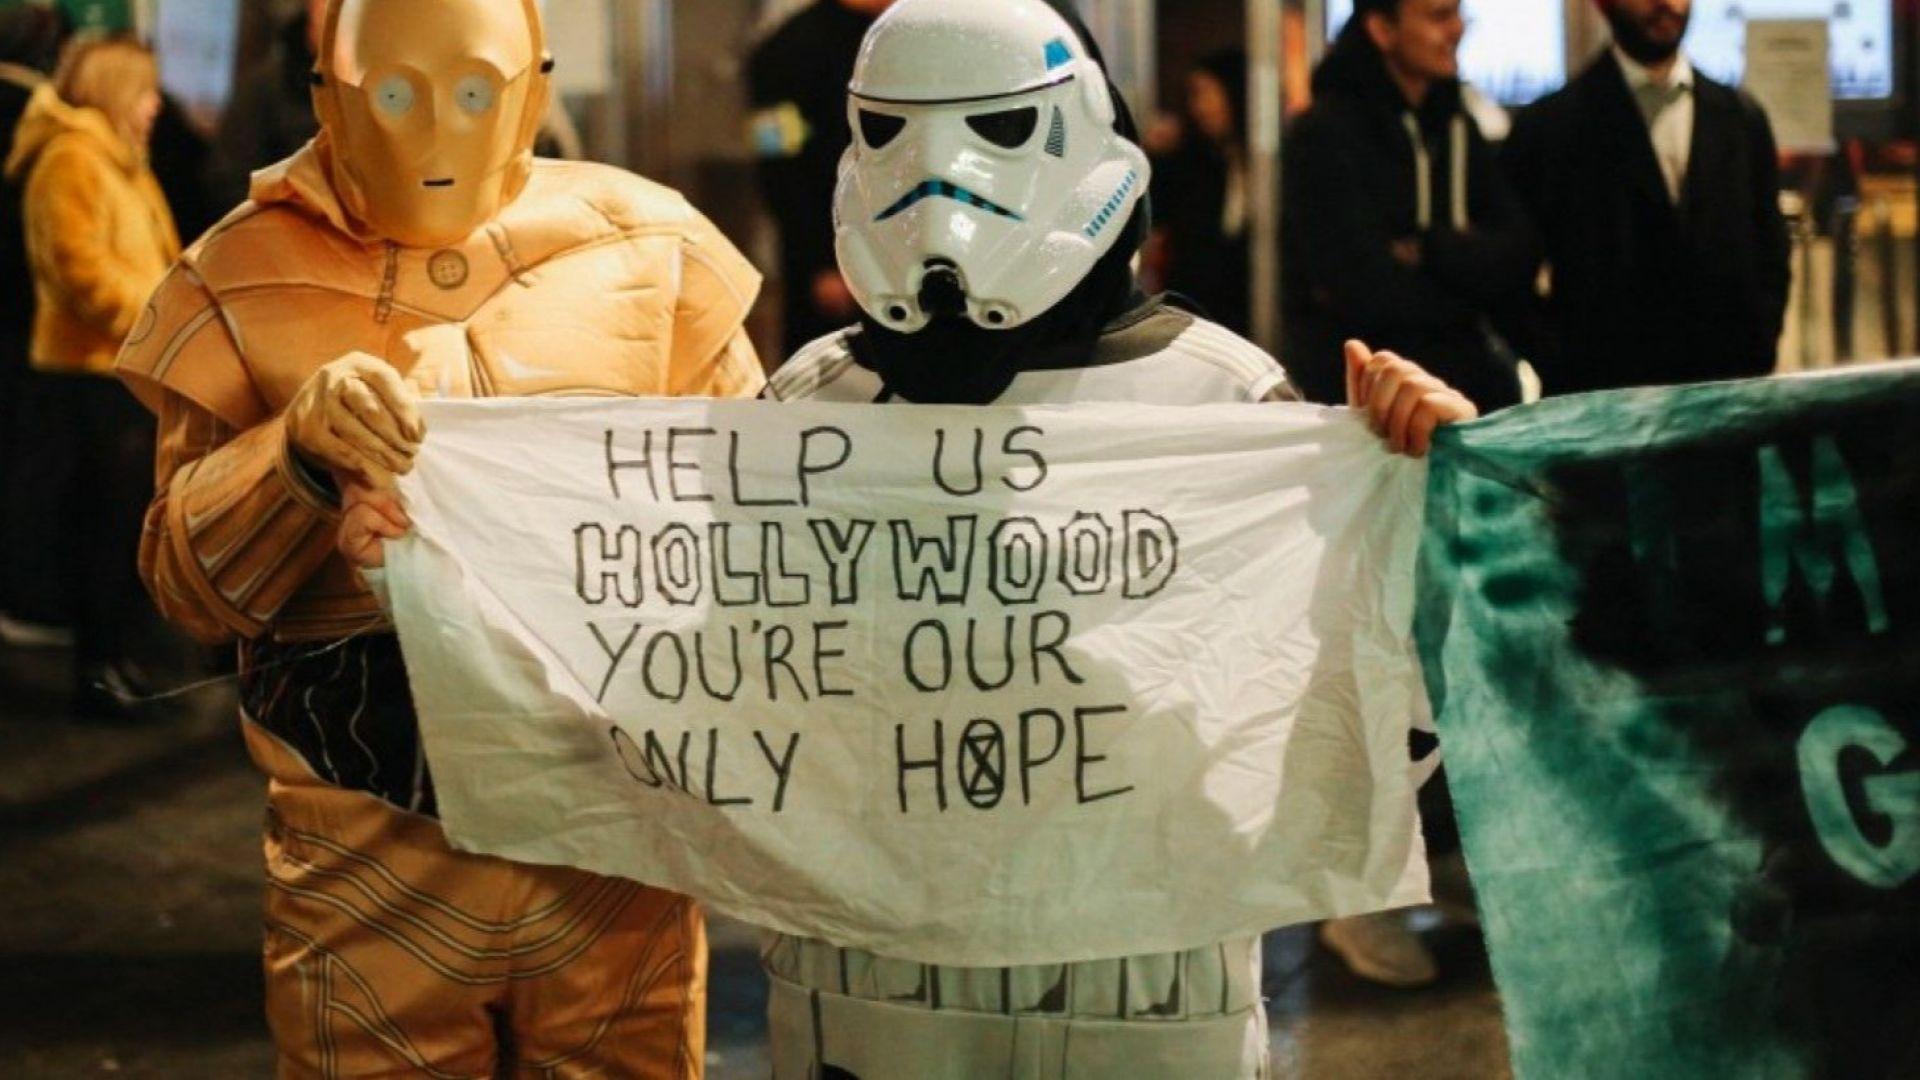 """Екоактивисти на премиерата на """"Междузвездни войни"""": Помогни ни, Холивуд, ти си единствената ни надежда"""